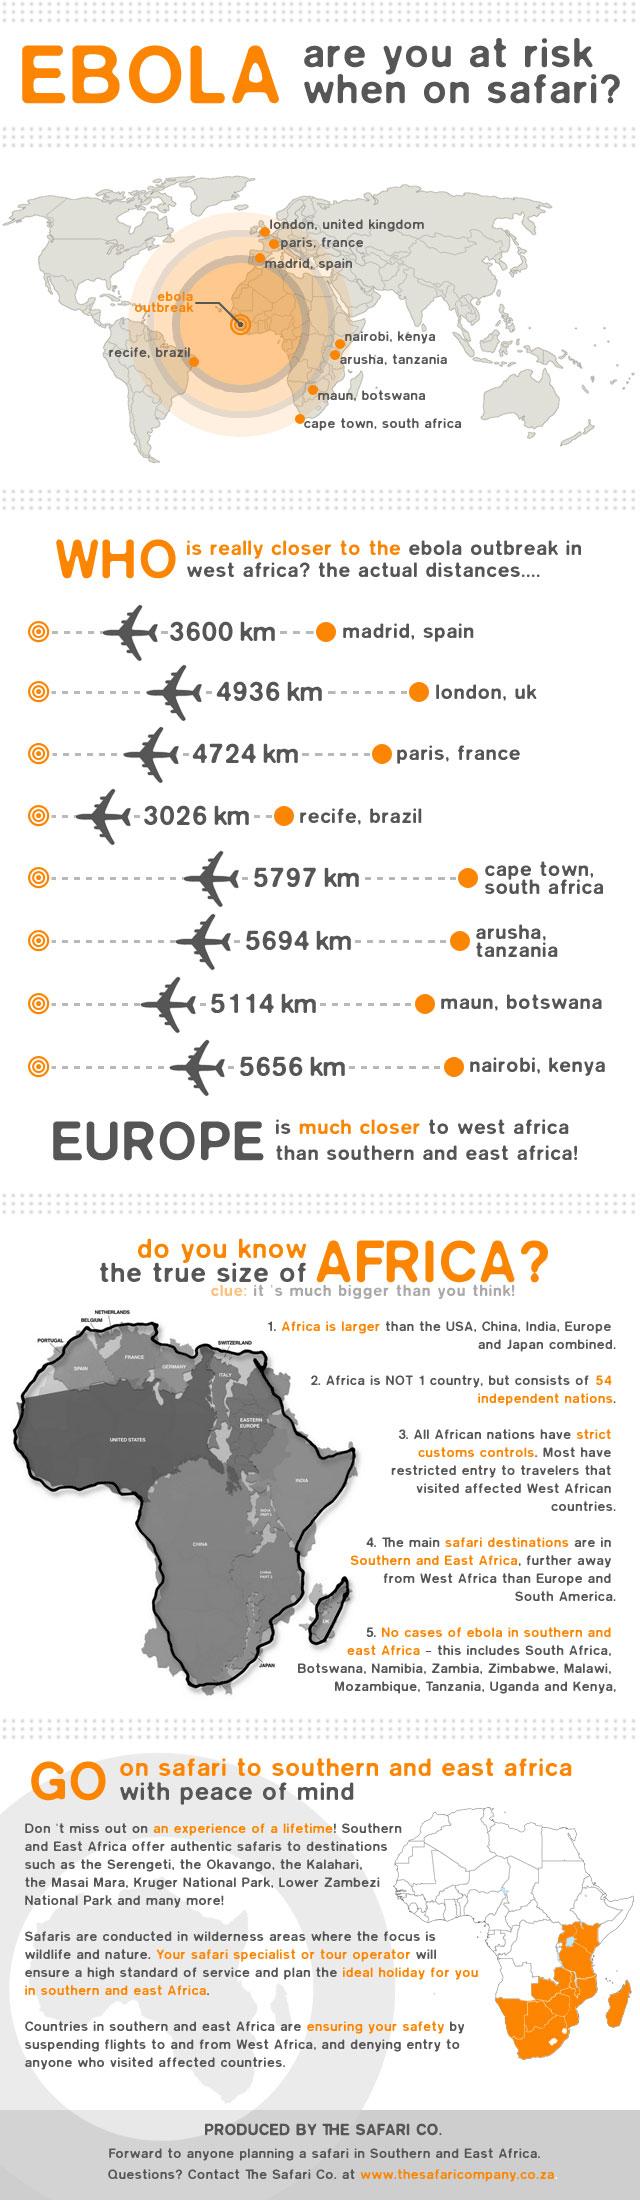 ebola_infographic3